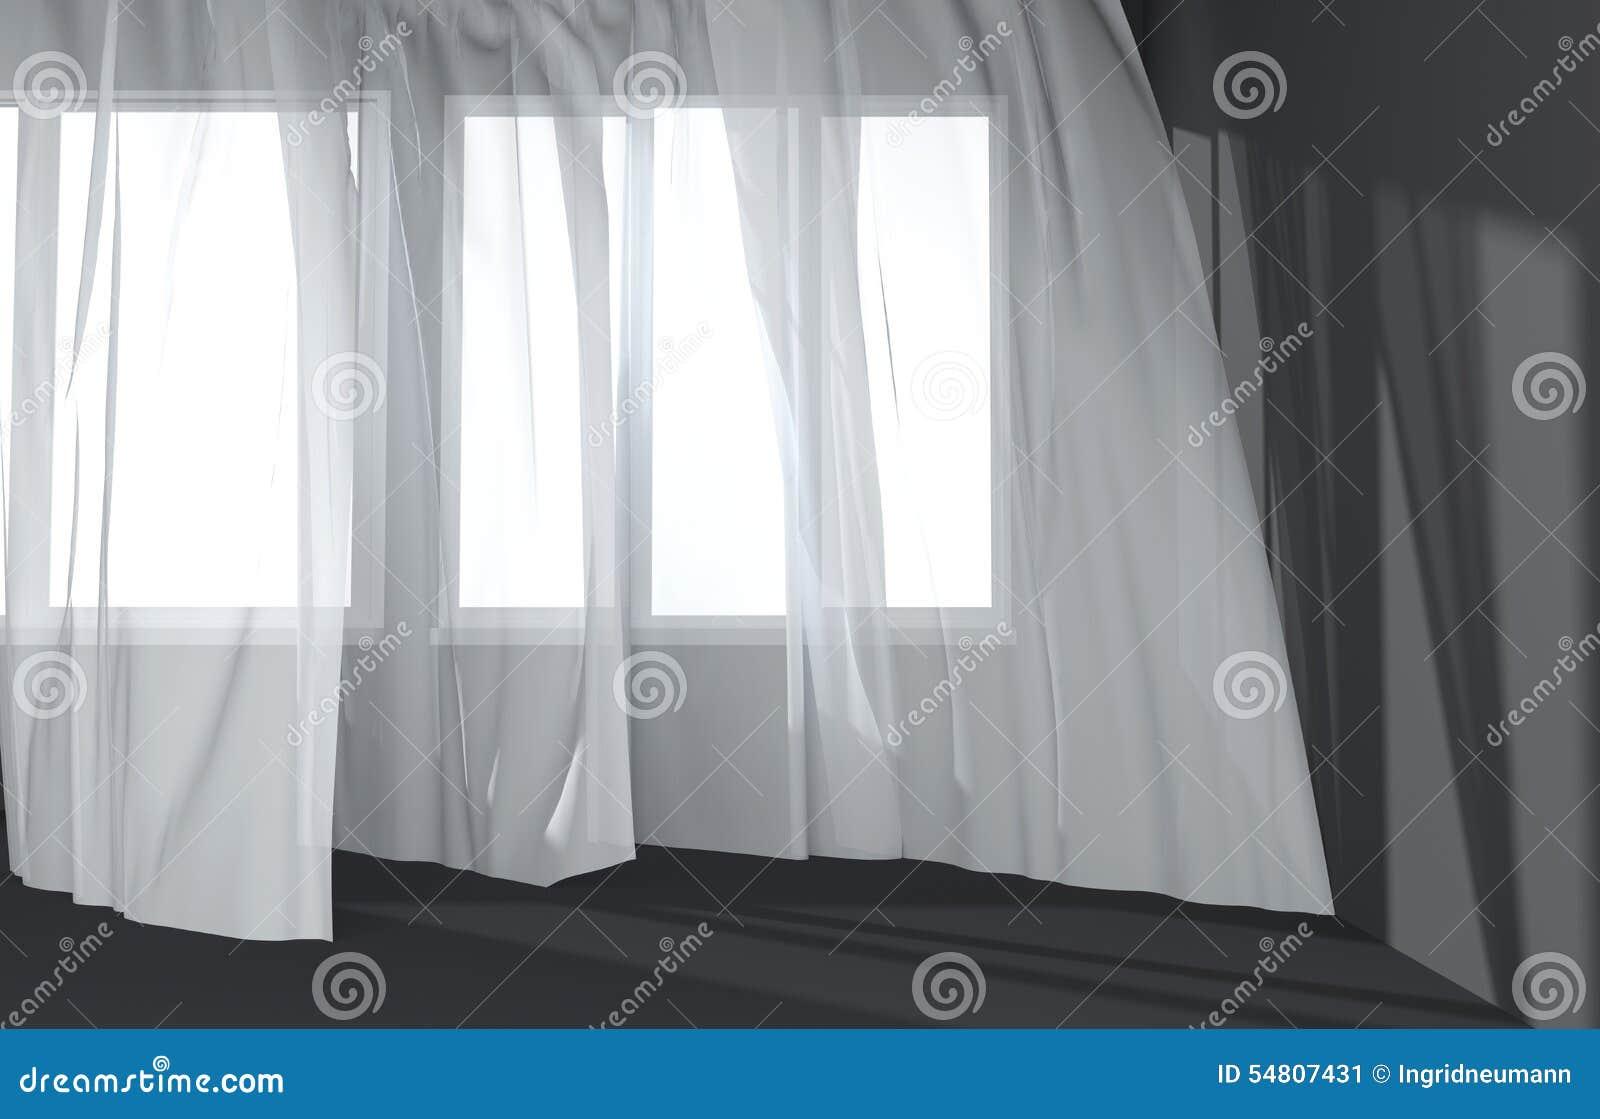 Les Rideaux Modernes intérieur moderne de pièce avec les rideaux blancs et la lumière du